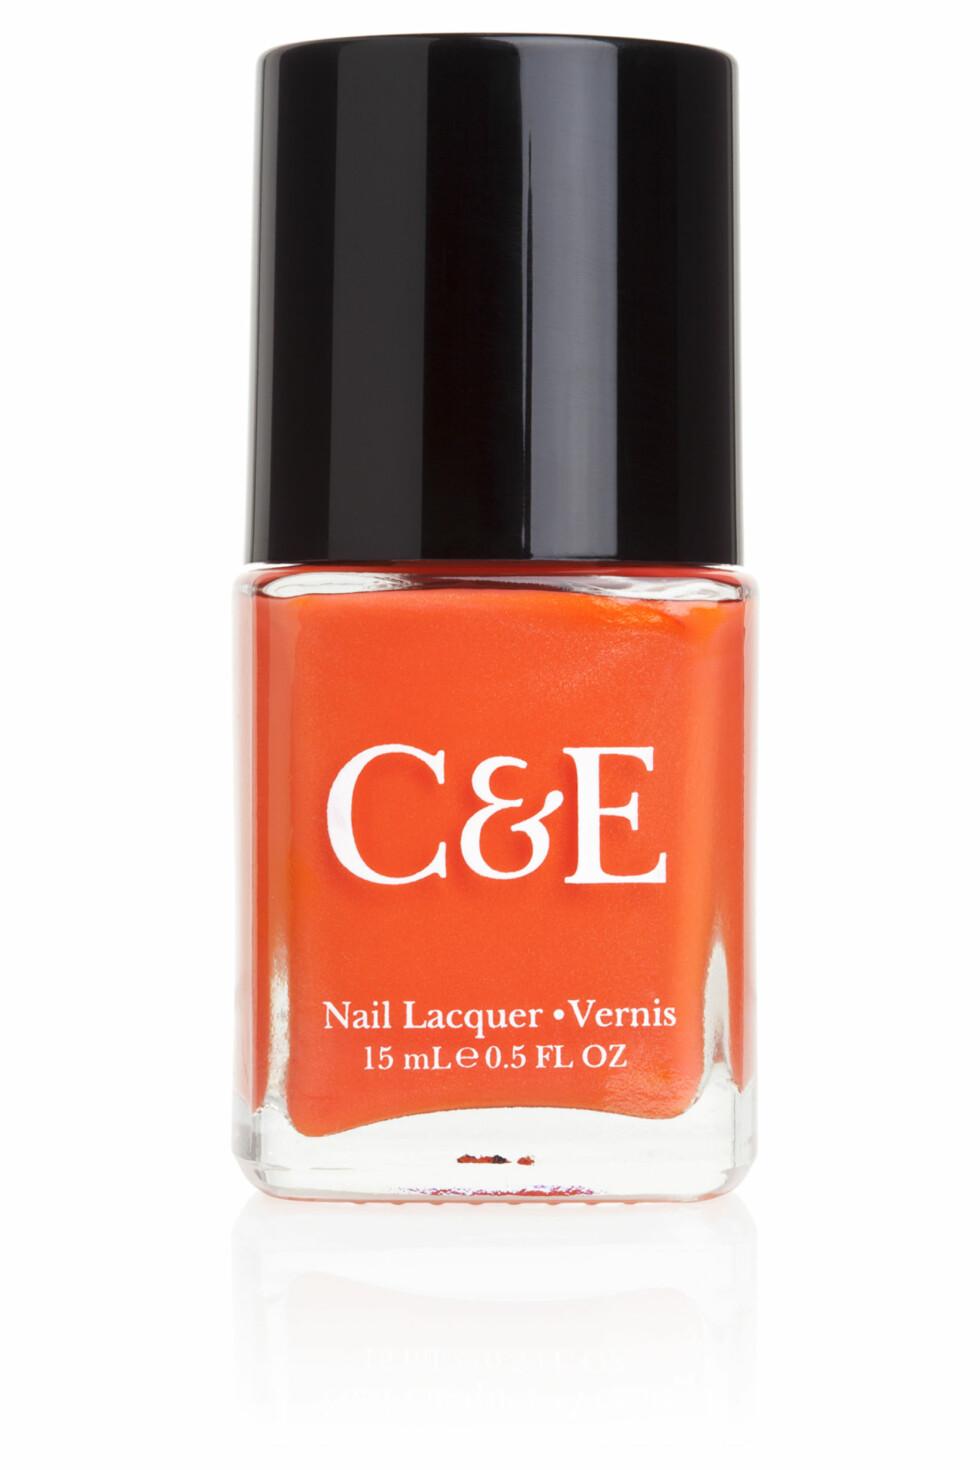 Oransje neglelakk fra Crabtree & Evelyn, kr 89.